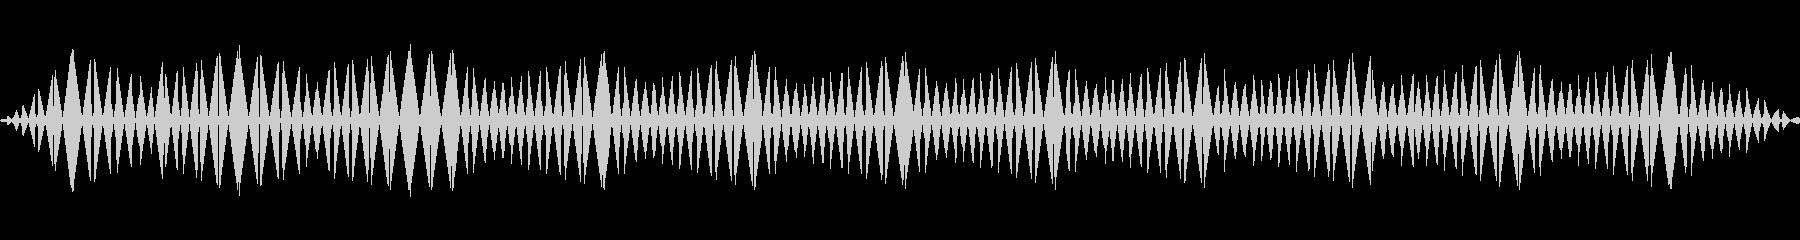 ビッ(ノイズ/警告/エラー/サイレンの未再生の波形